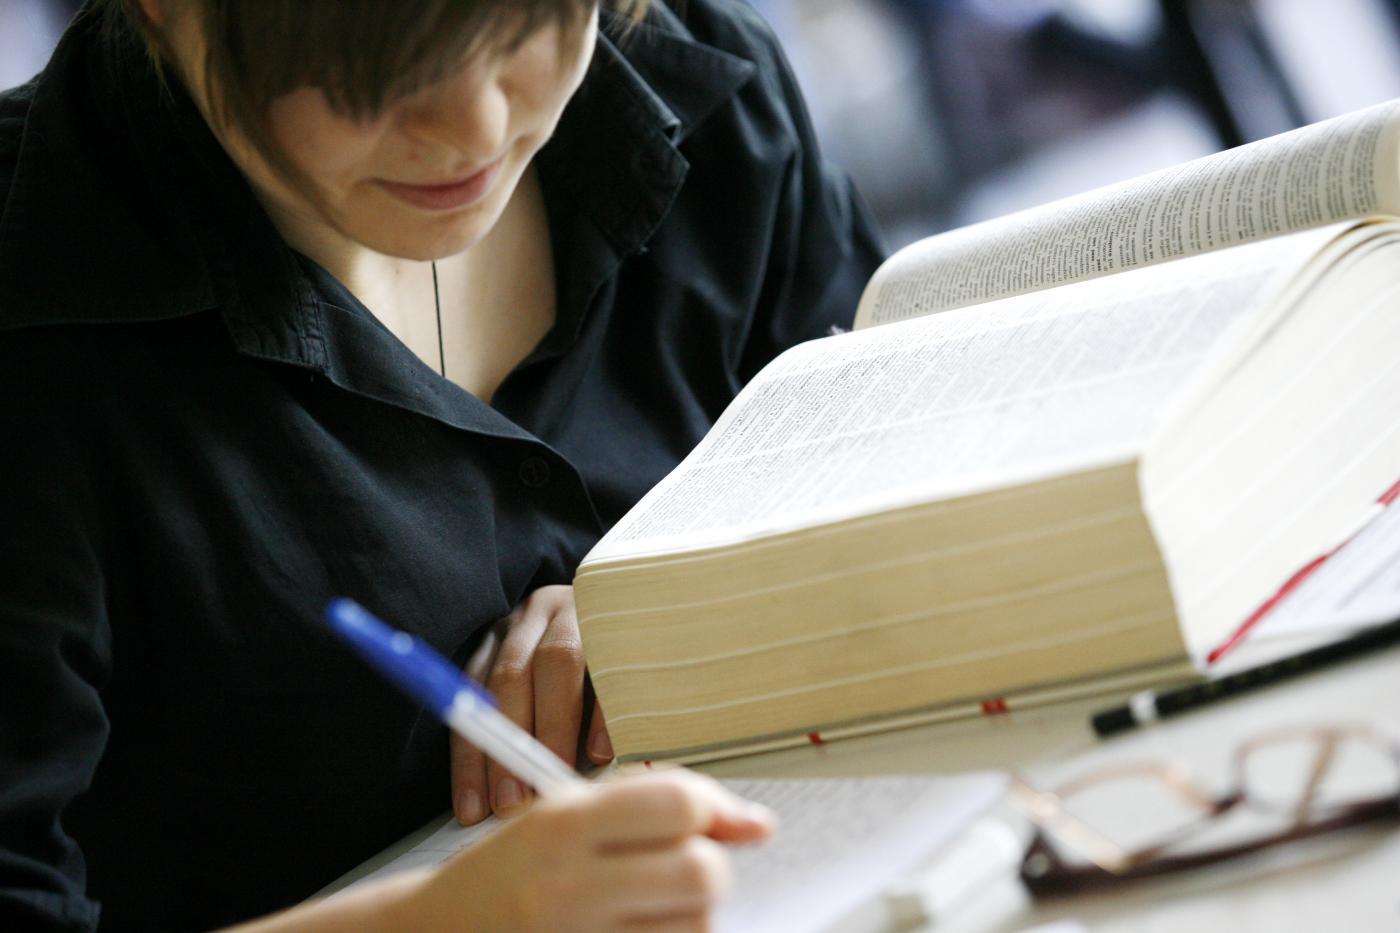 Lavoro: tasso di disoccupazione più basso tra chi ha studiato all'estero